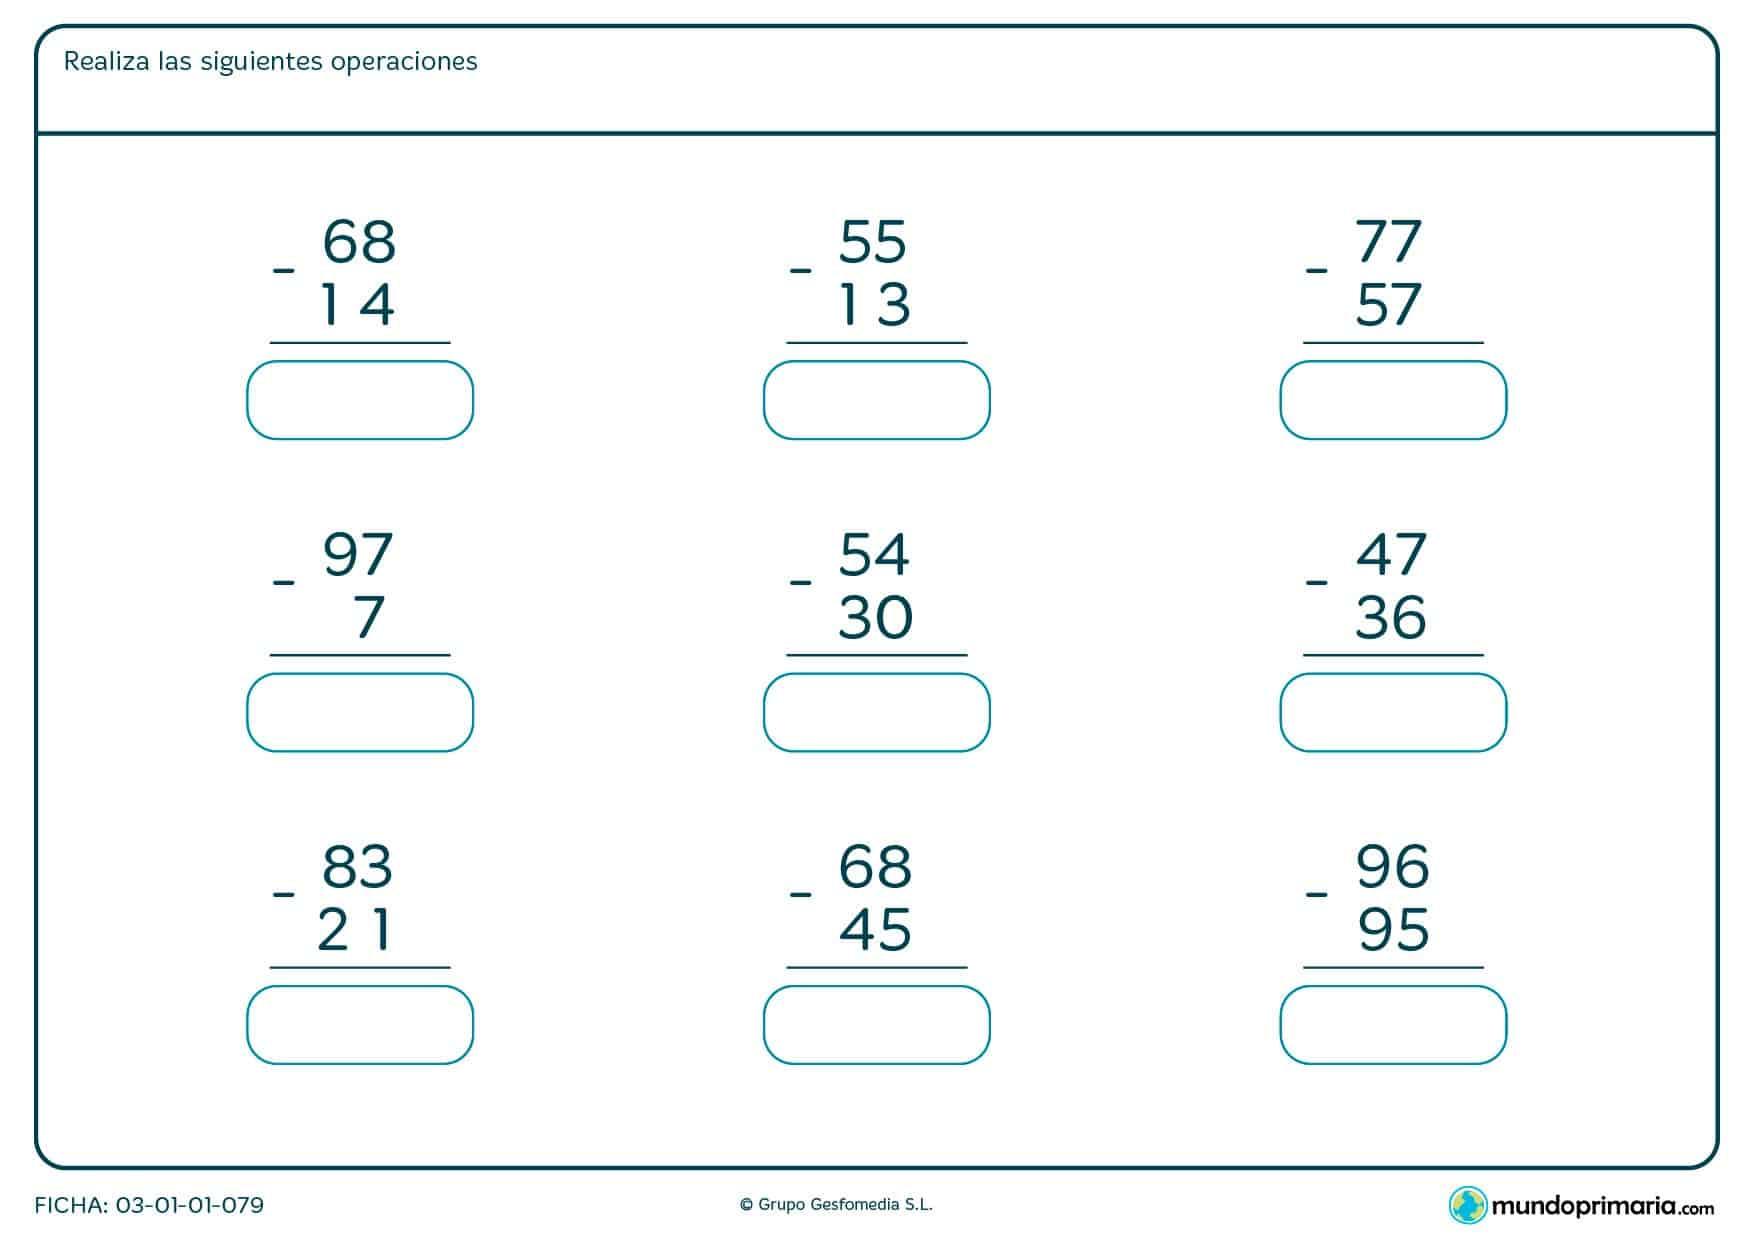 Ficha de restar números de 2 cifras en vertical en la que tienes que escribir la solución.